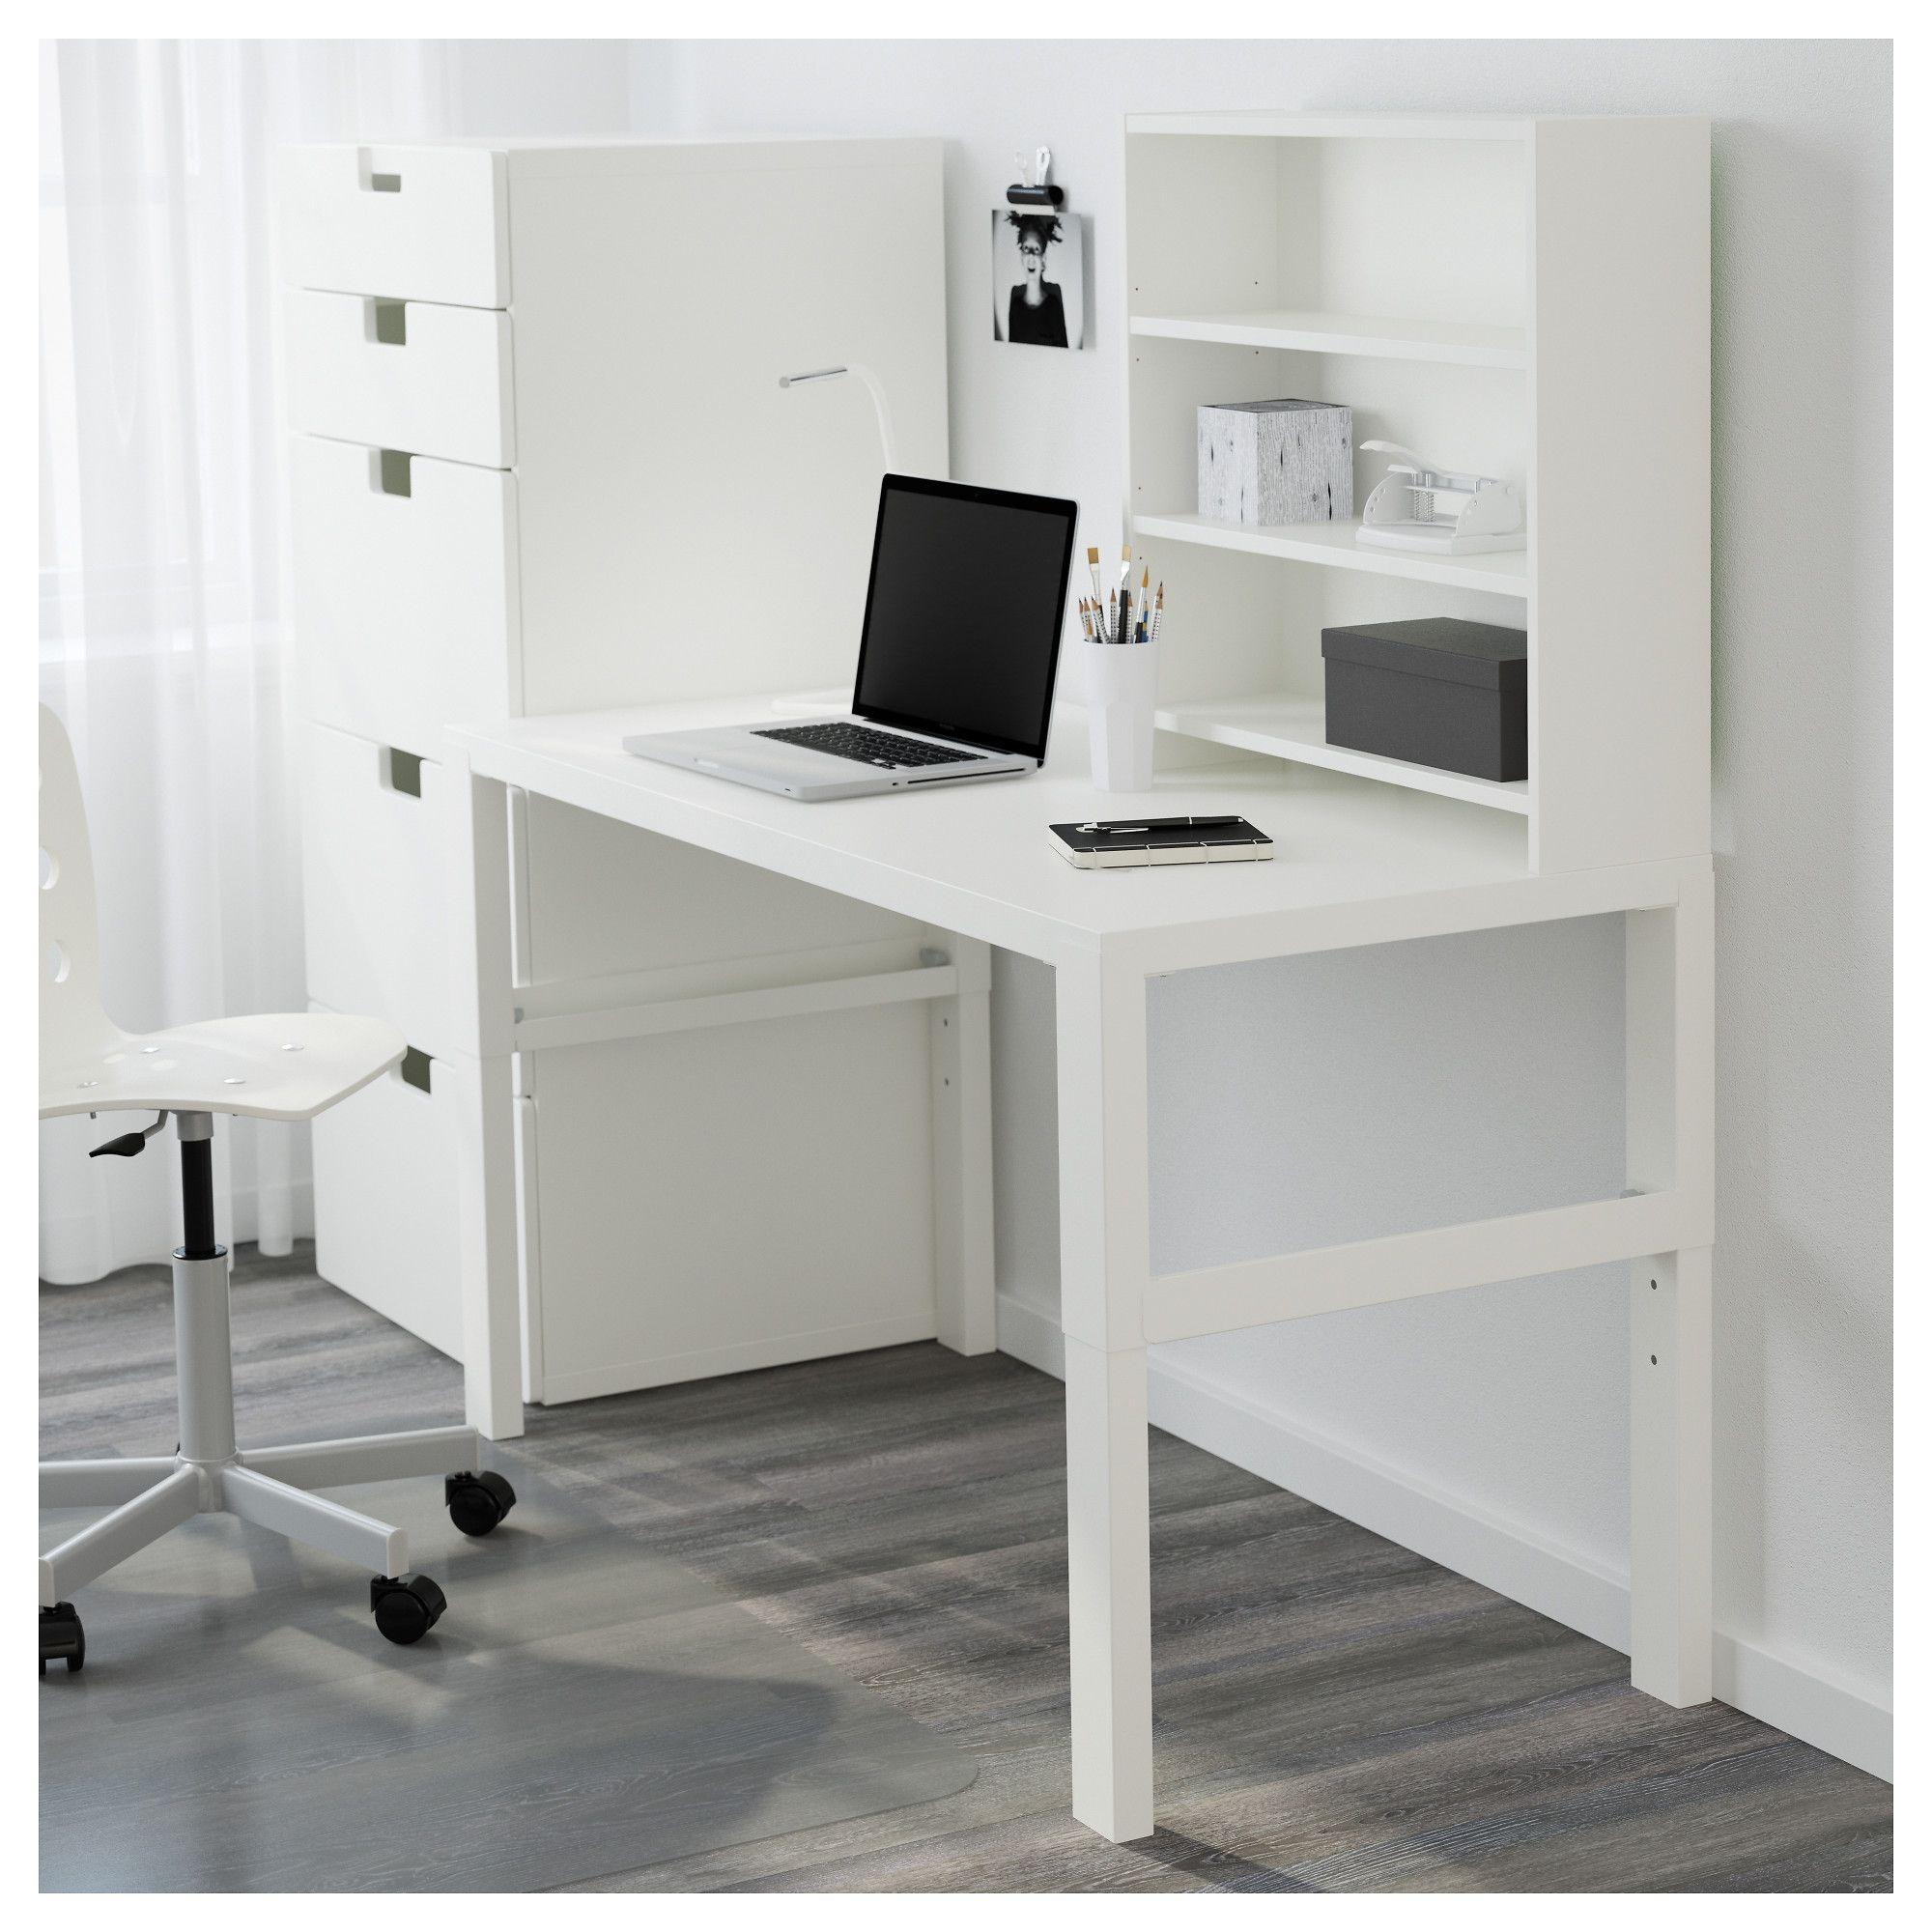 Scrivanie ikea e postazioni lavoro per casa; Pahl Desk With Add On Unit White 128x58 Cm Find It Here Ikea Scrivania Con Scaffali Scrivania Ikea Idee Ikea